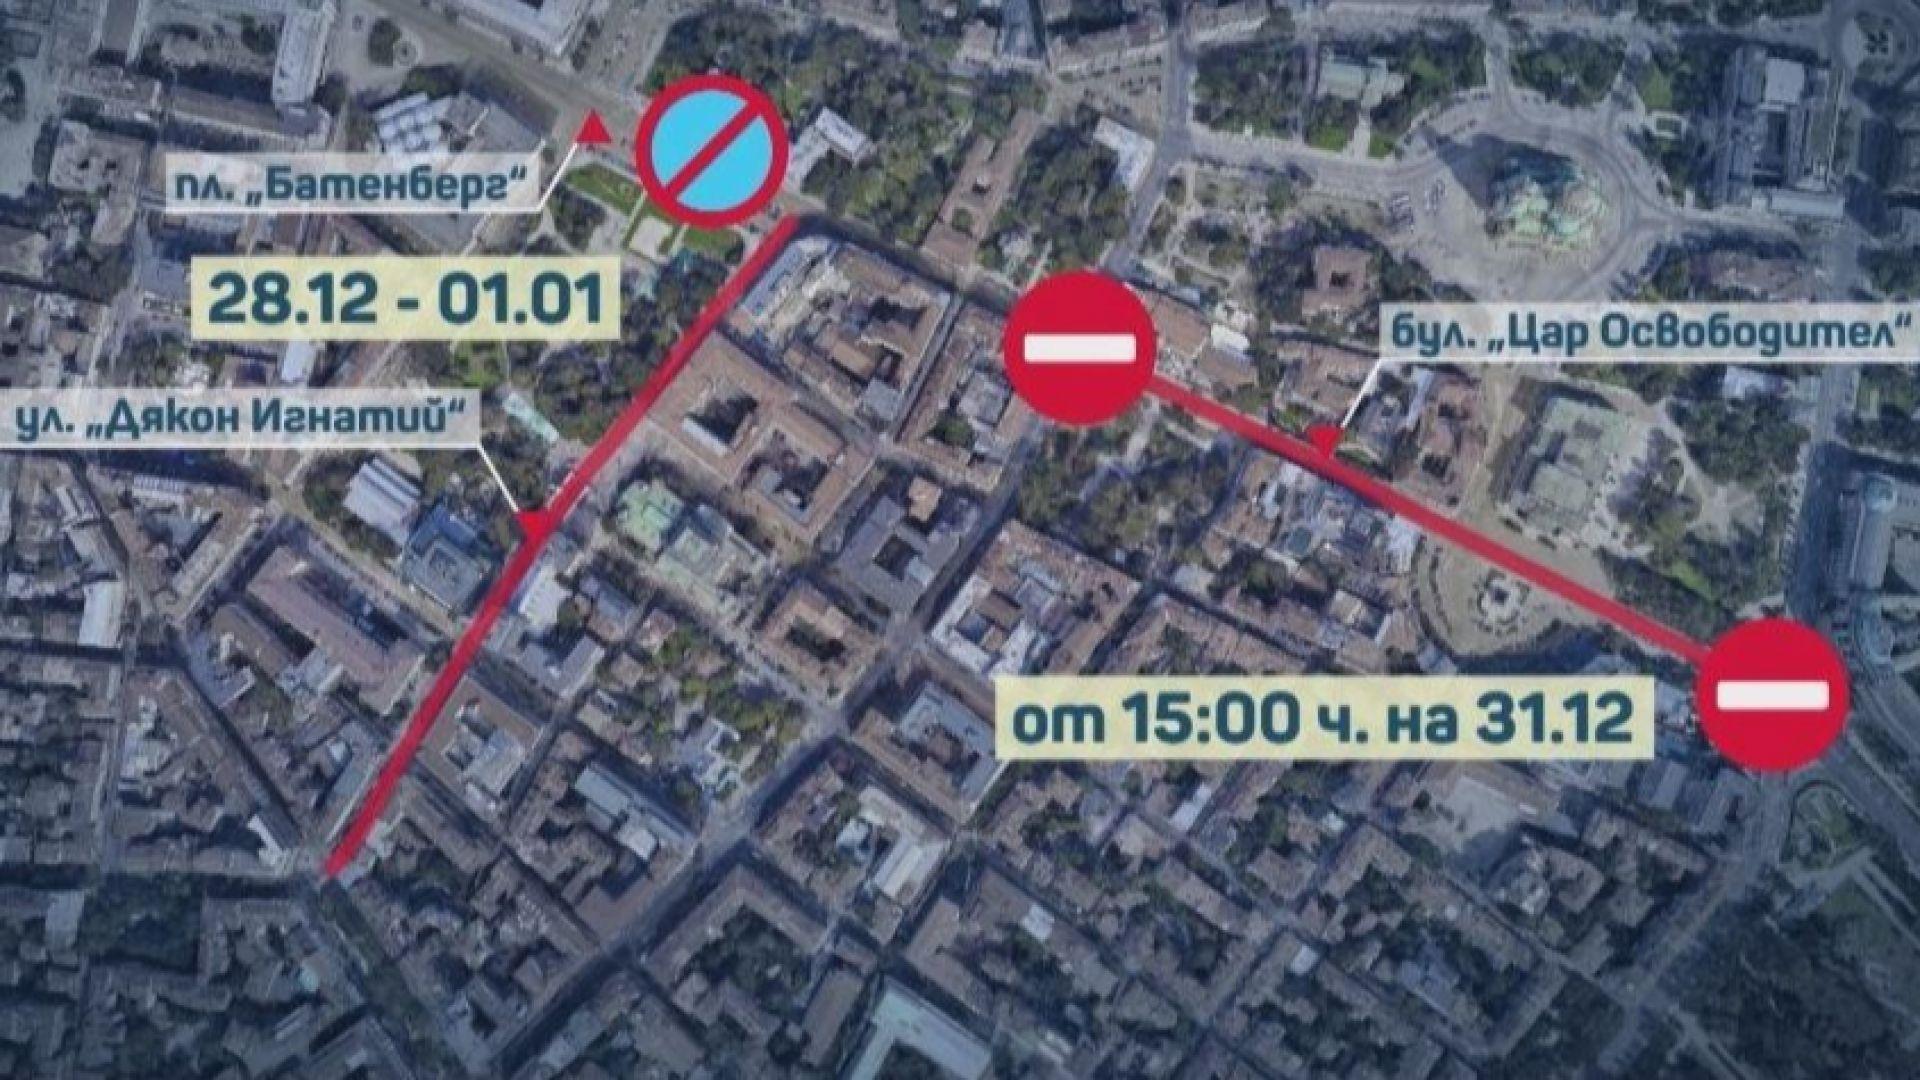 София готова за новогодишните тържества, вижте разписанието на нощния транспорт